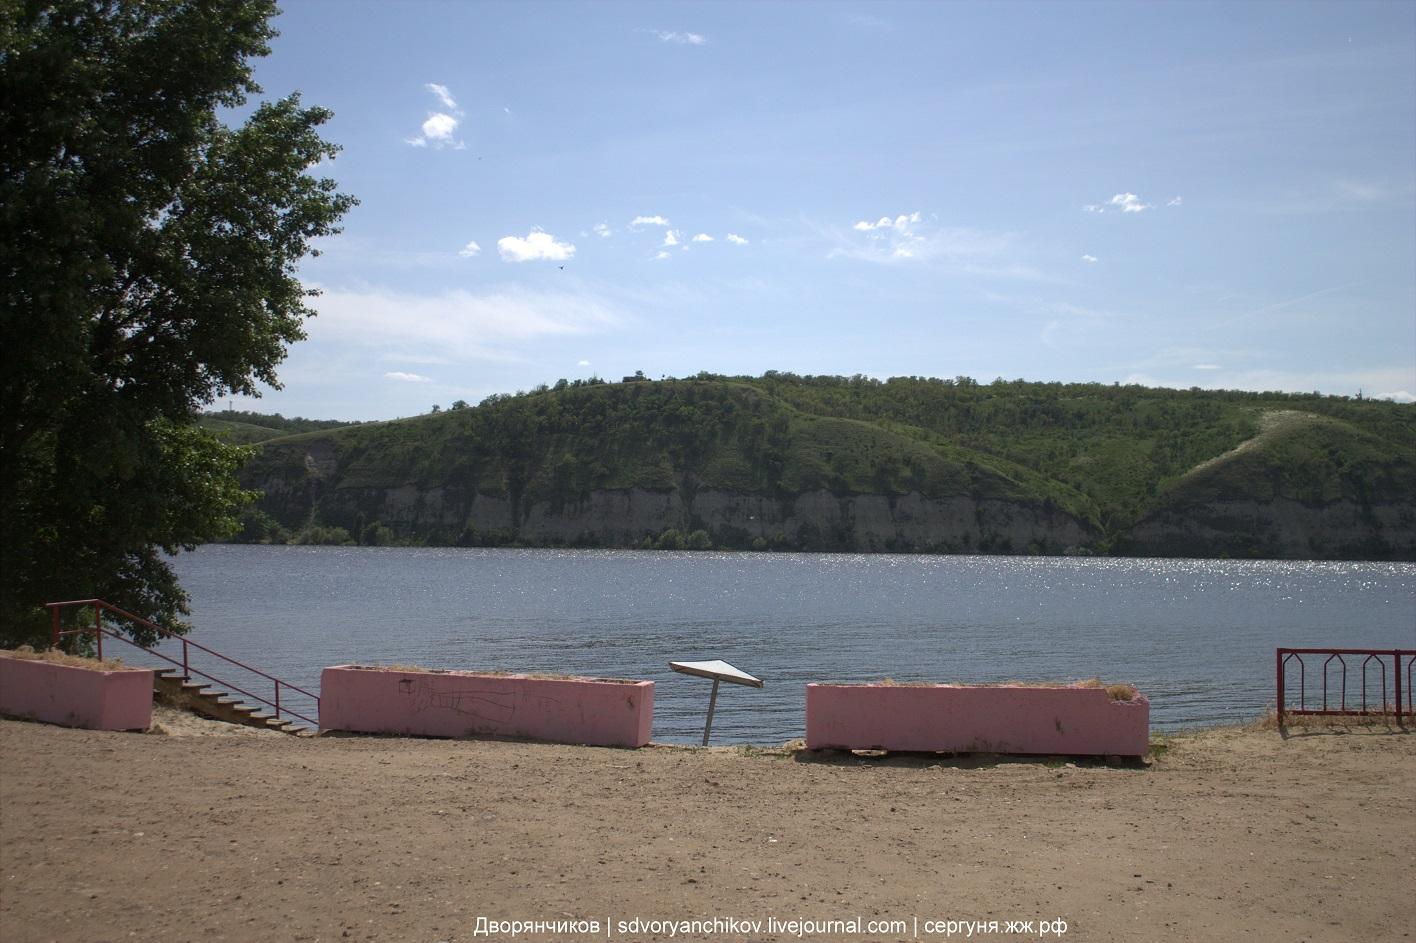 Вода разлилась. Дон по-прежнему Тихий. В будни на пляже немноголюдно.